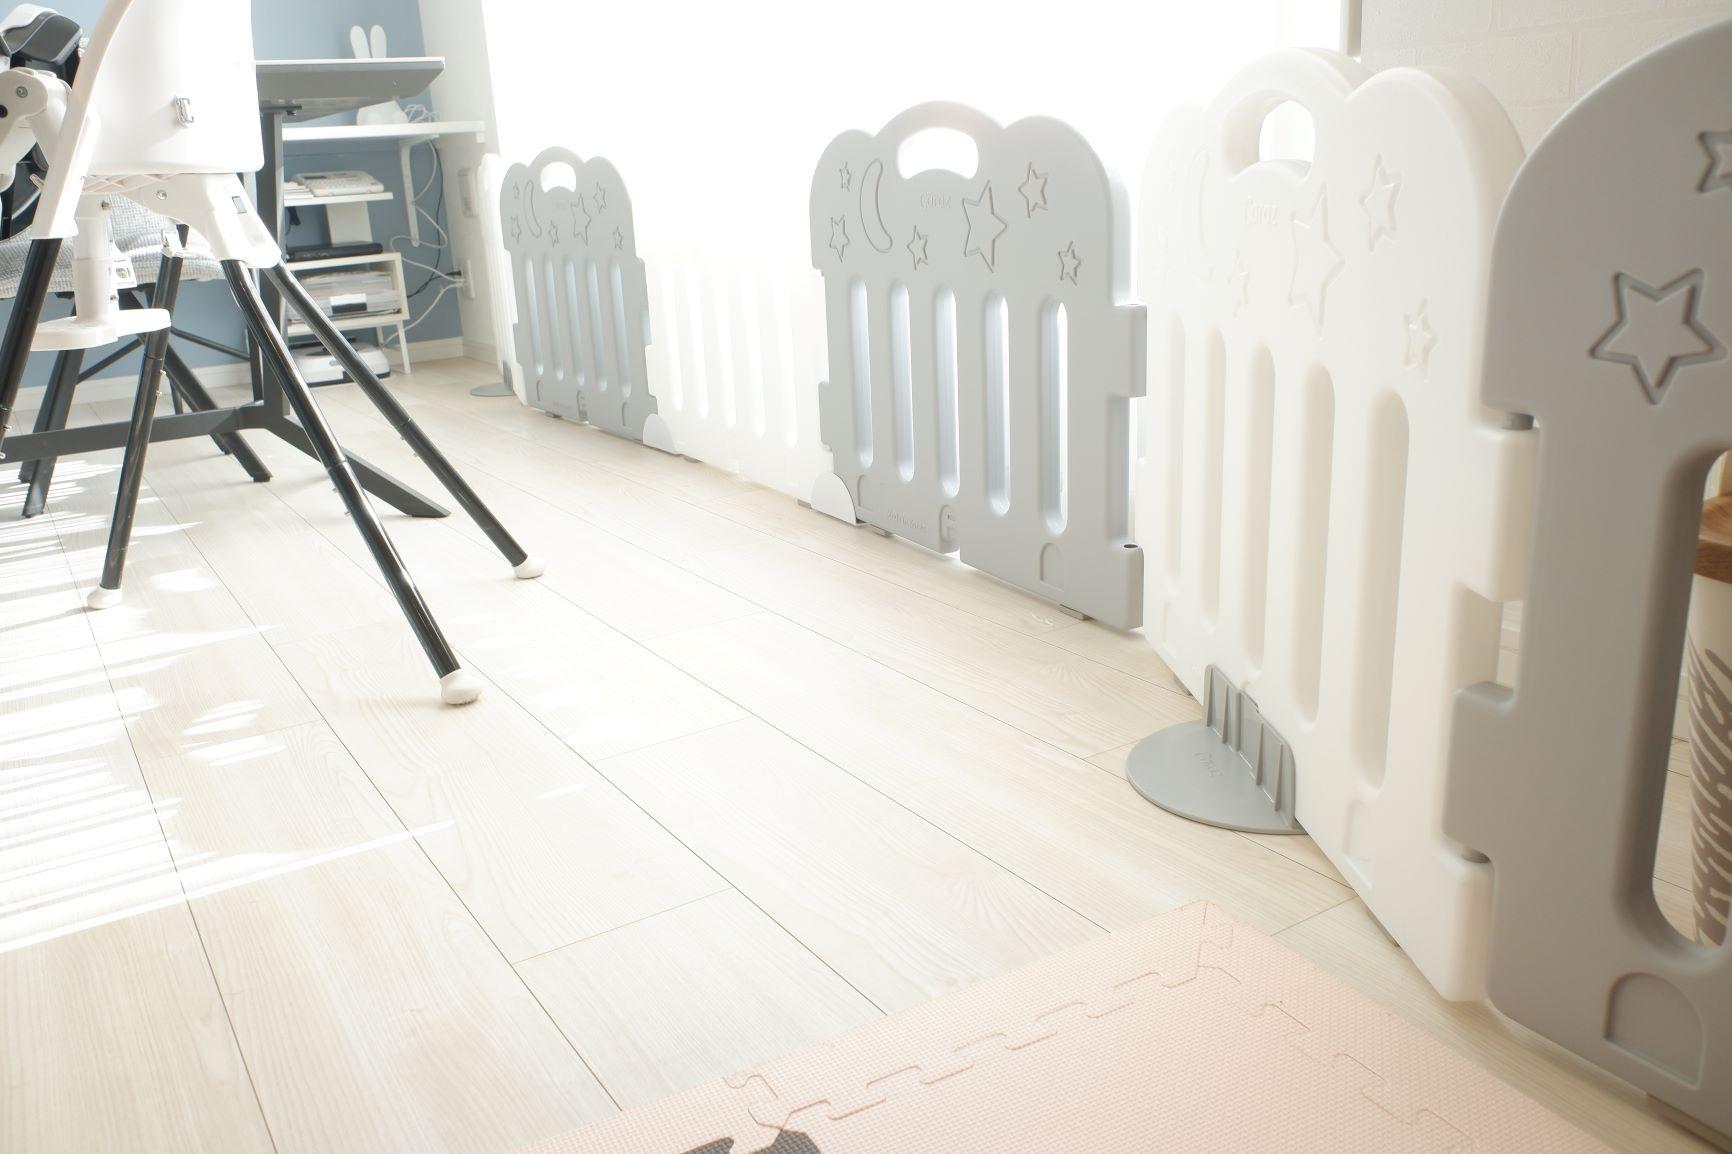 ベビーサークル・ベビーゲートは変幻自在のCarazがおすすめ♪おしゃれな空間を作っちゃおう!